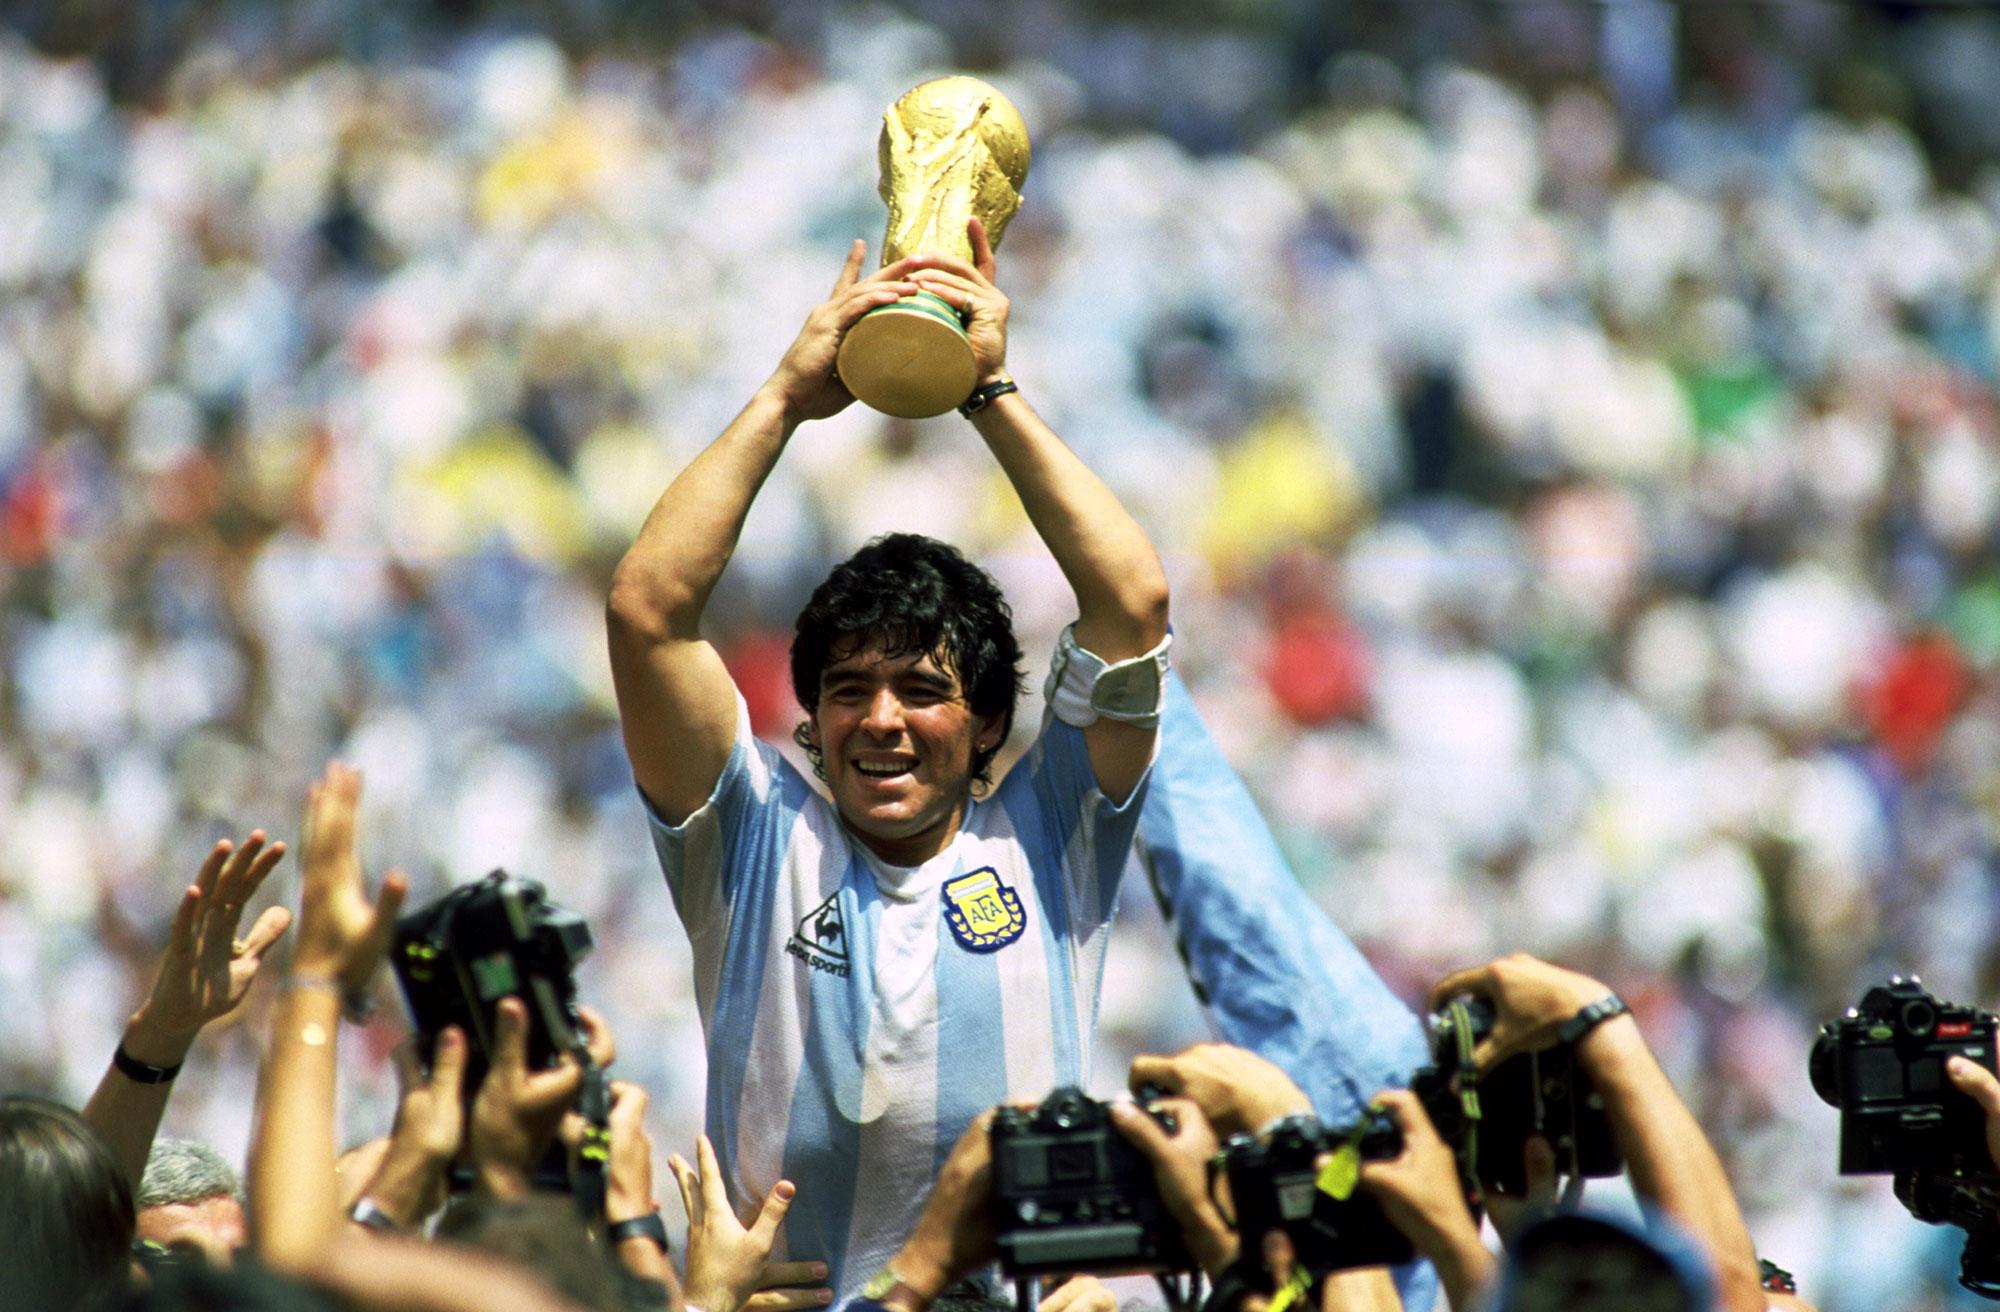 Diego Armando Maradona con la Copa del Mundo 86